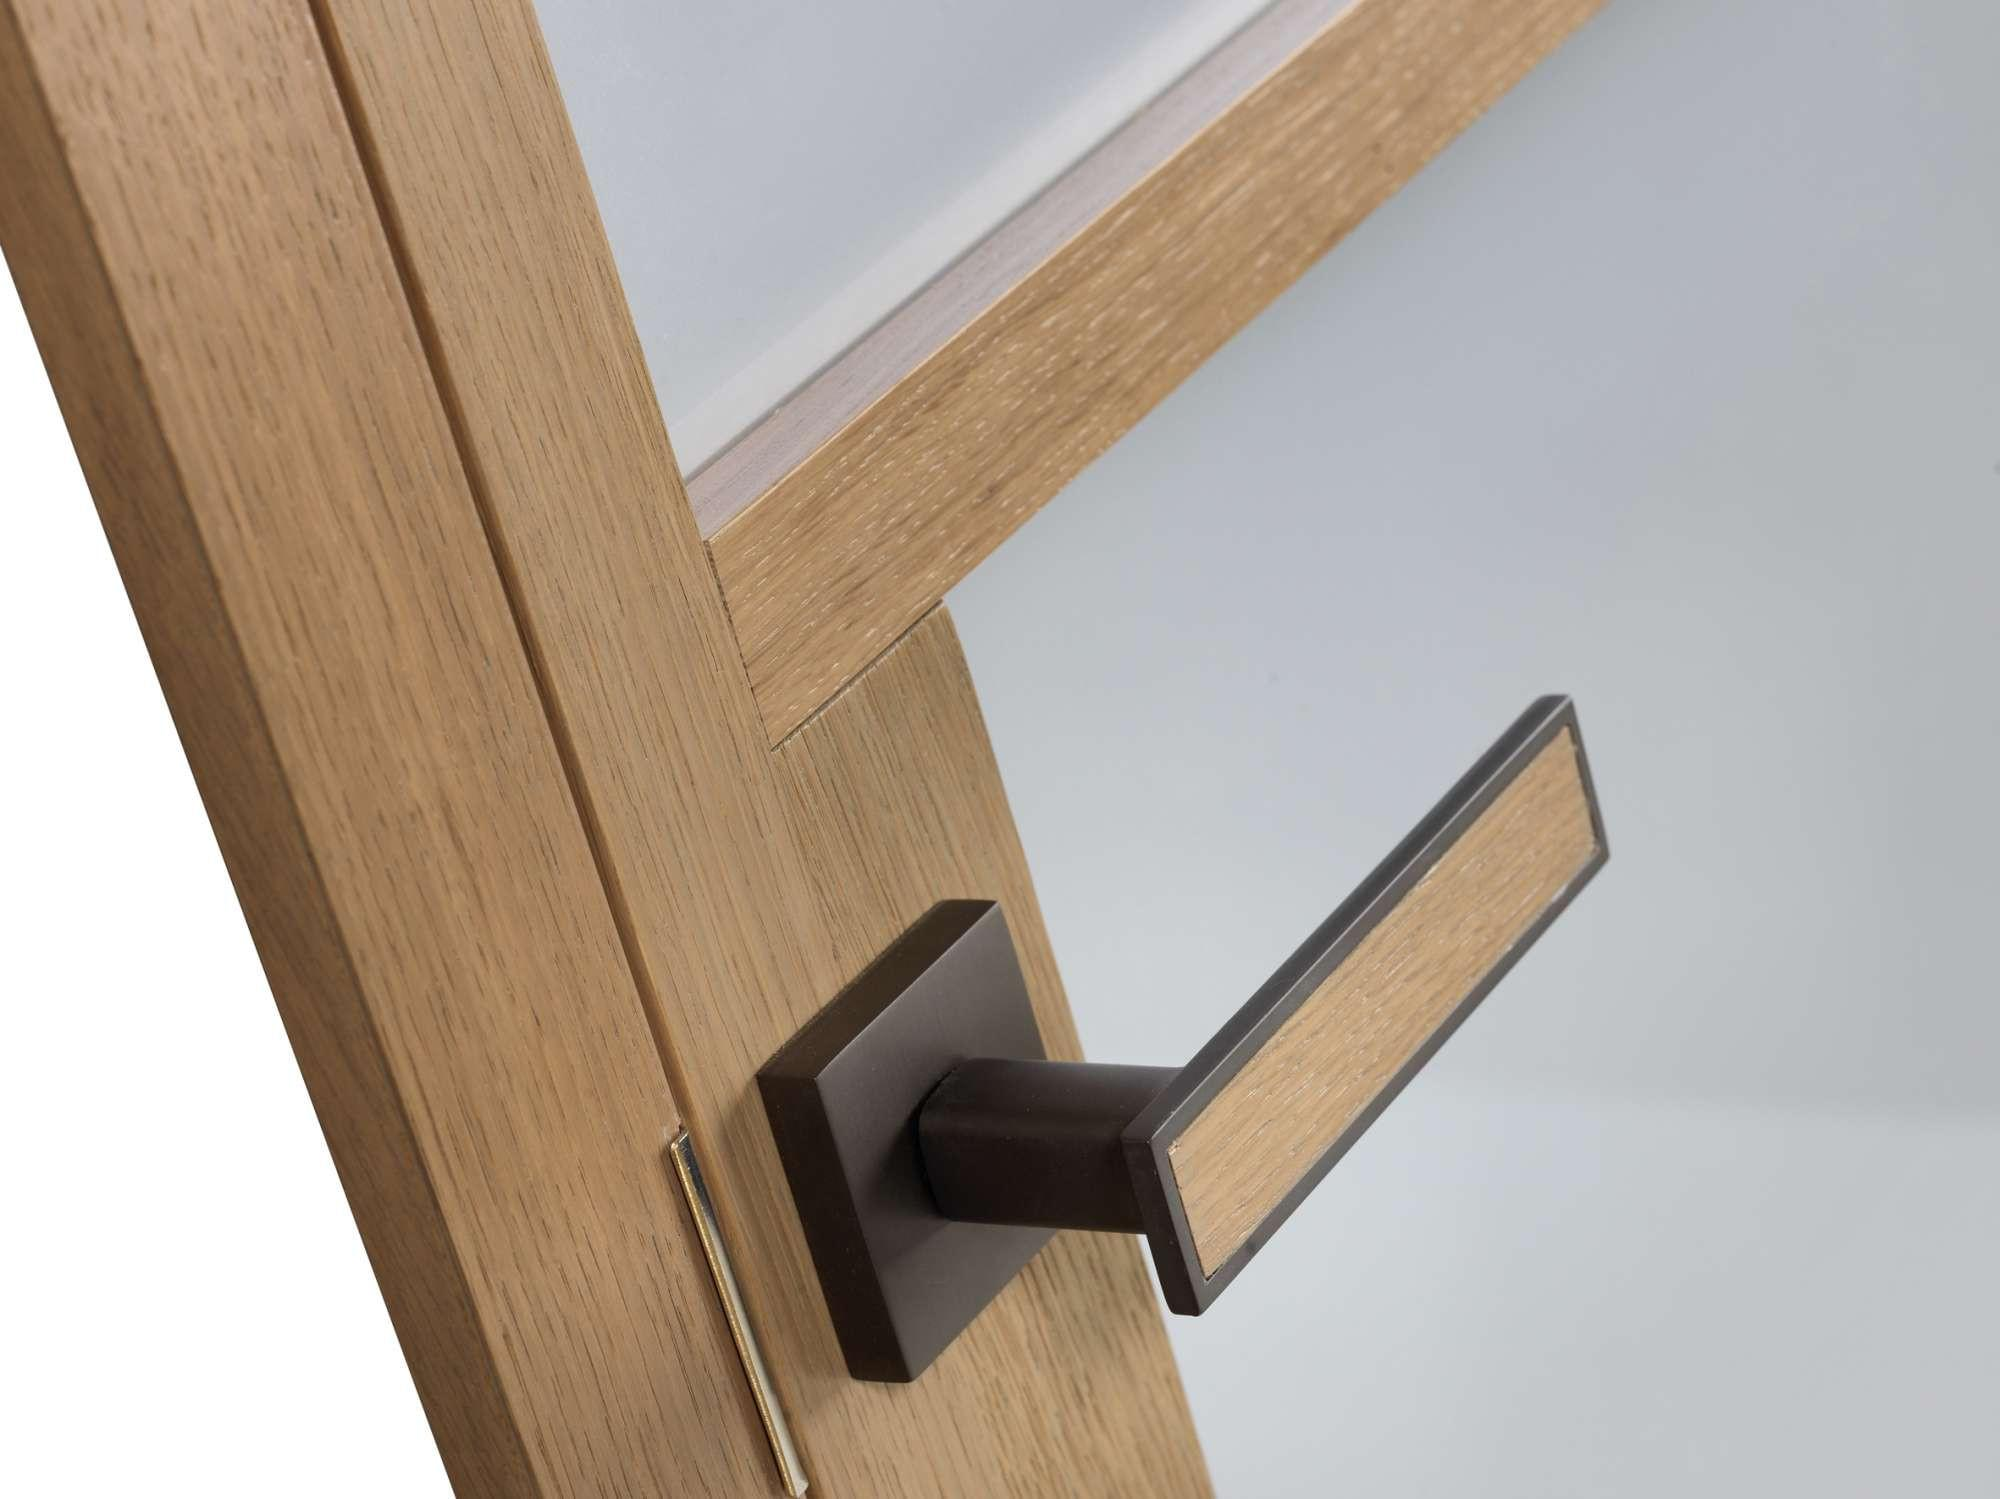 houten-deurkruk-eik-modern